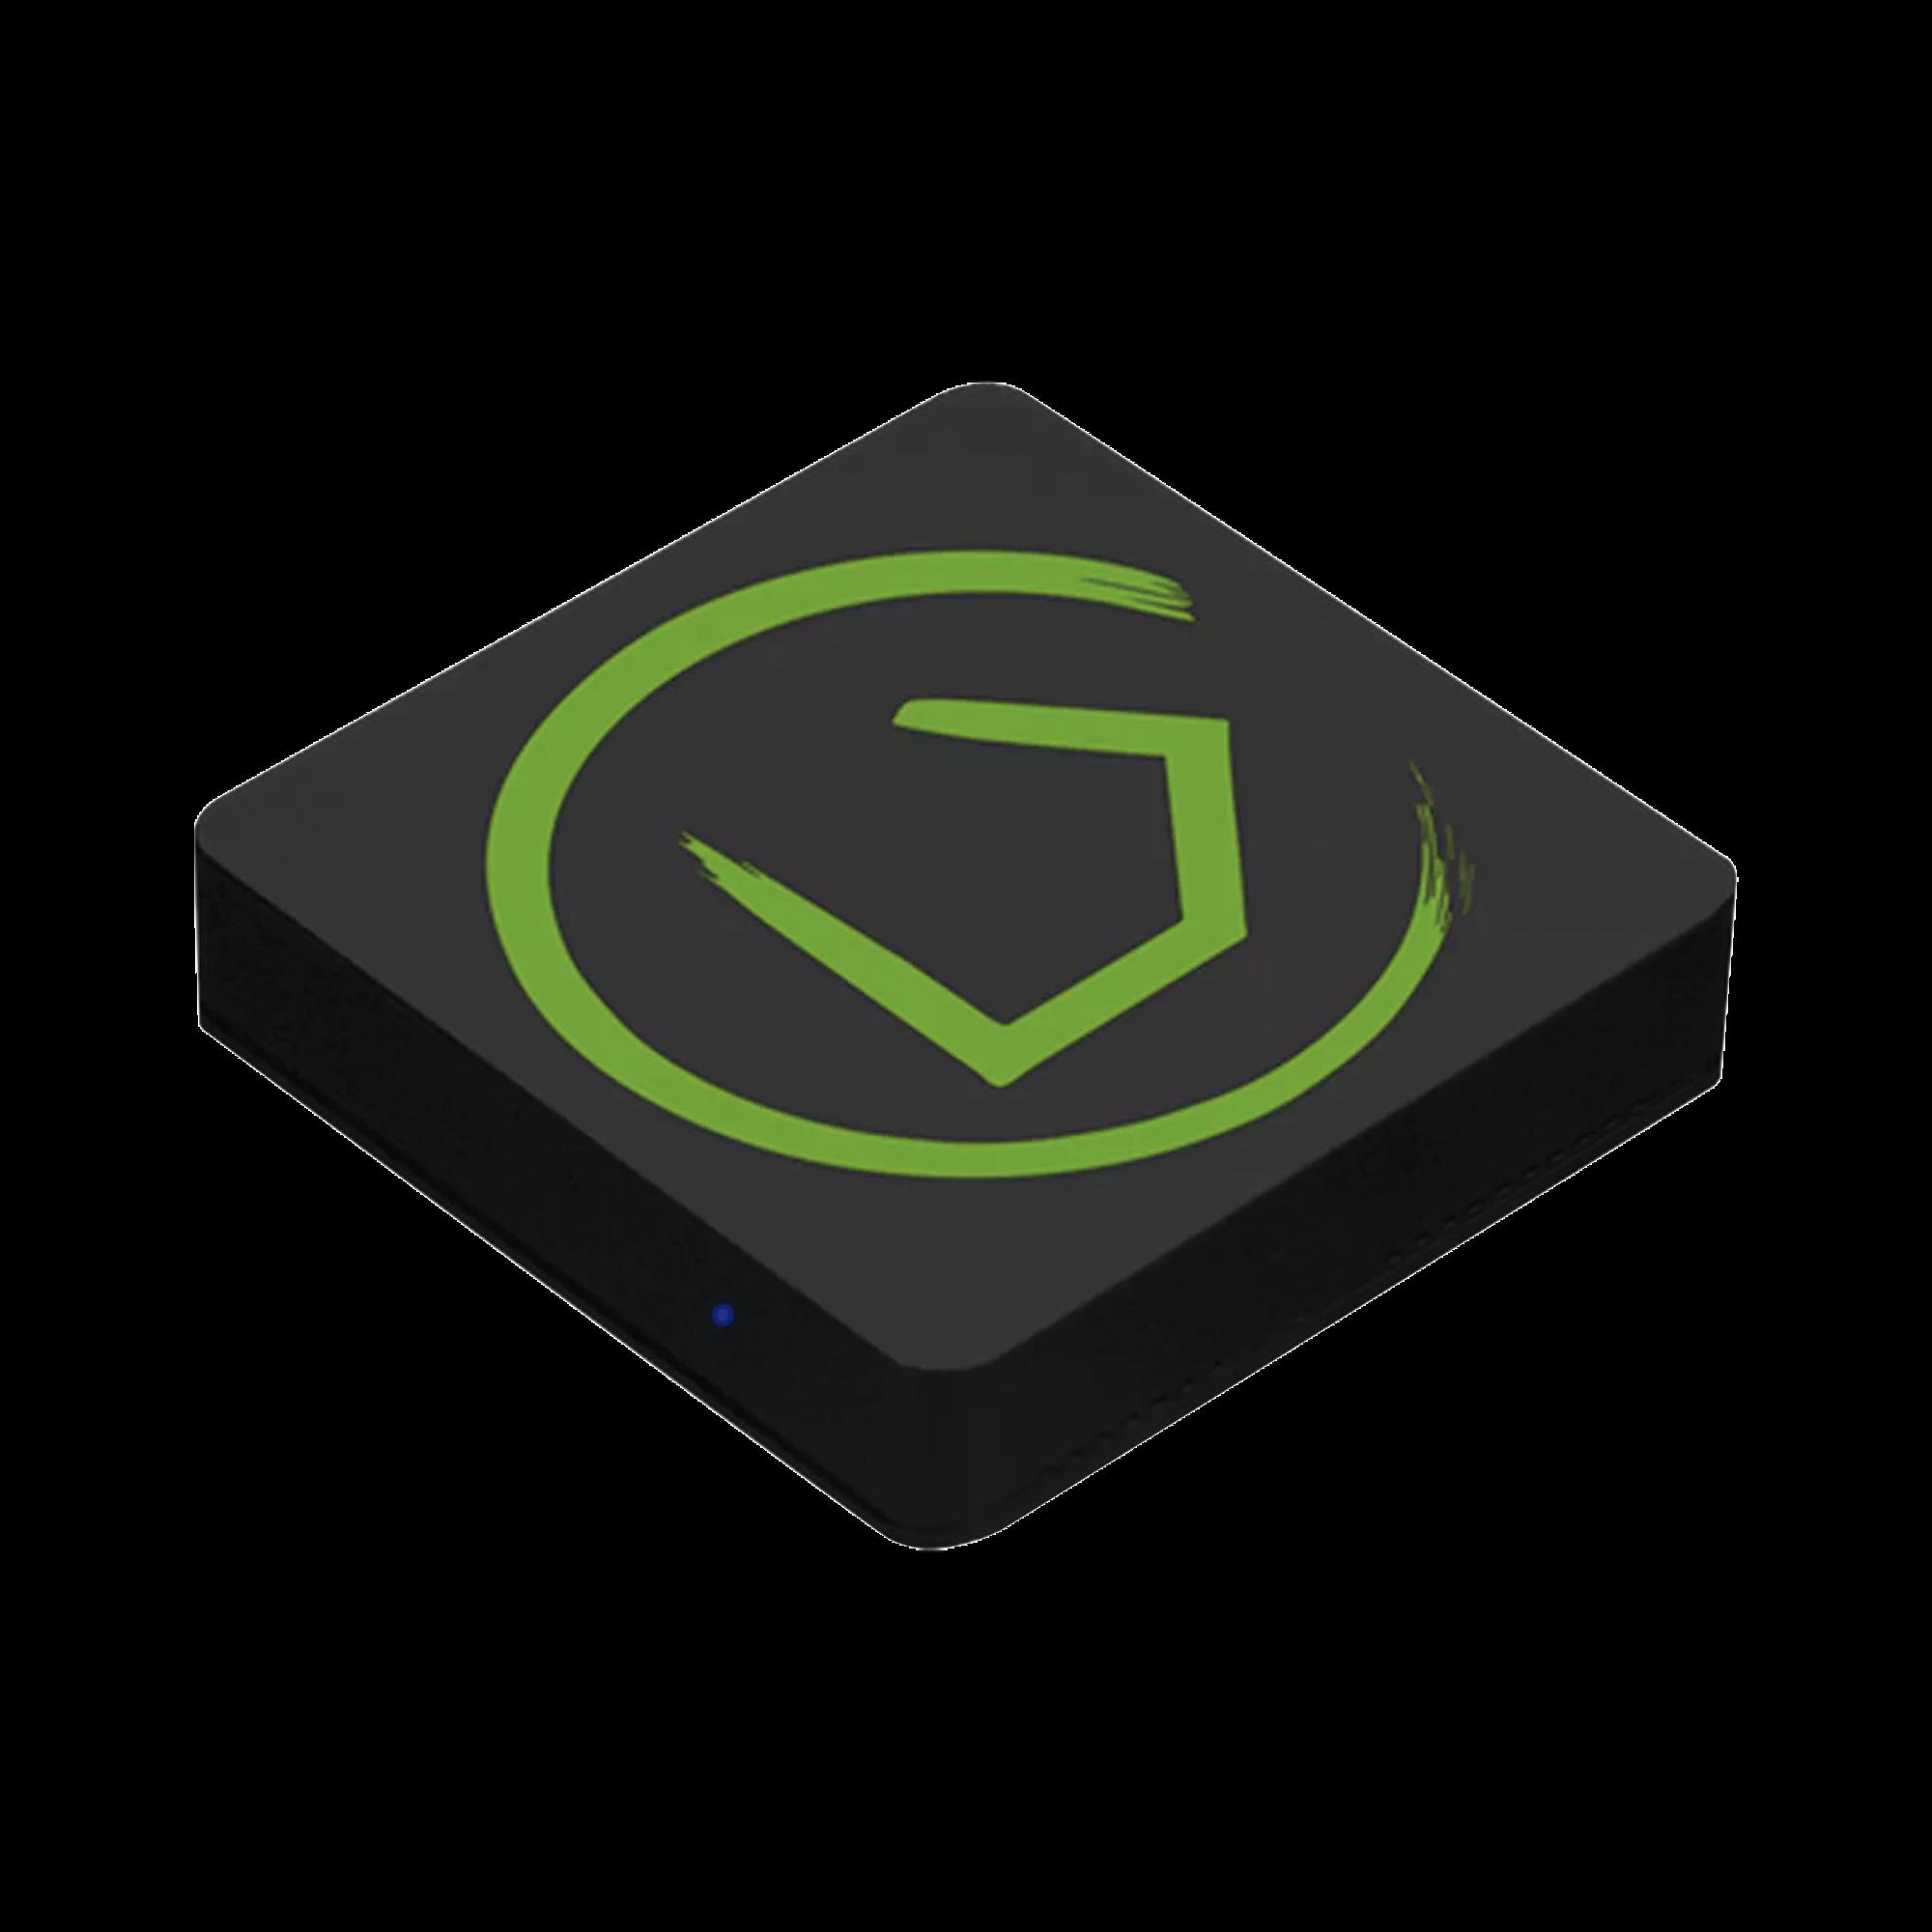 HUB Controlador inteligente para dispositivos Zwave, Zigbee, integrable con Shelly, Lutron entre otras, APP gratis sin pago de anualidad o mensualidad.